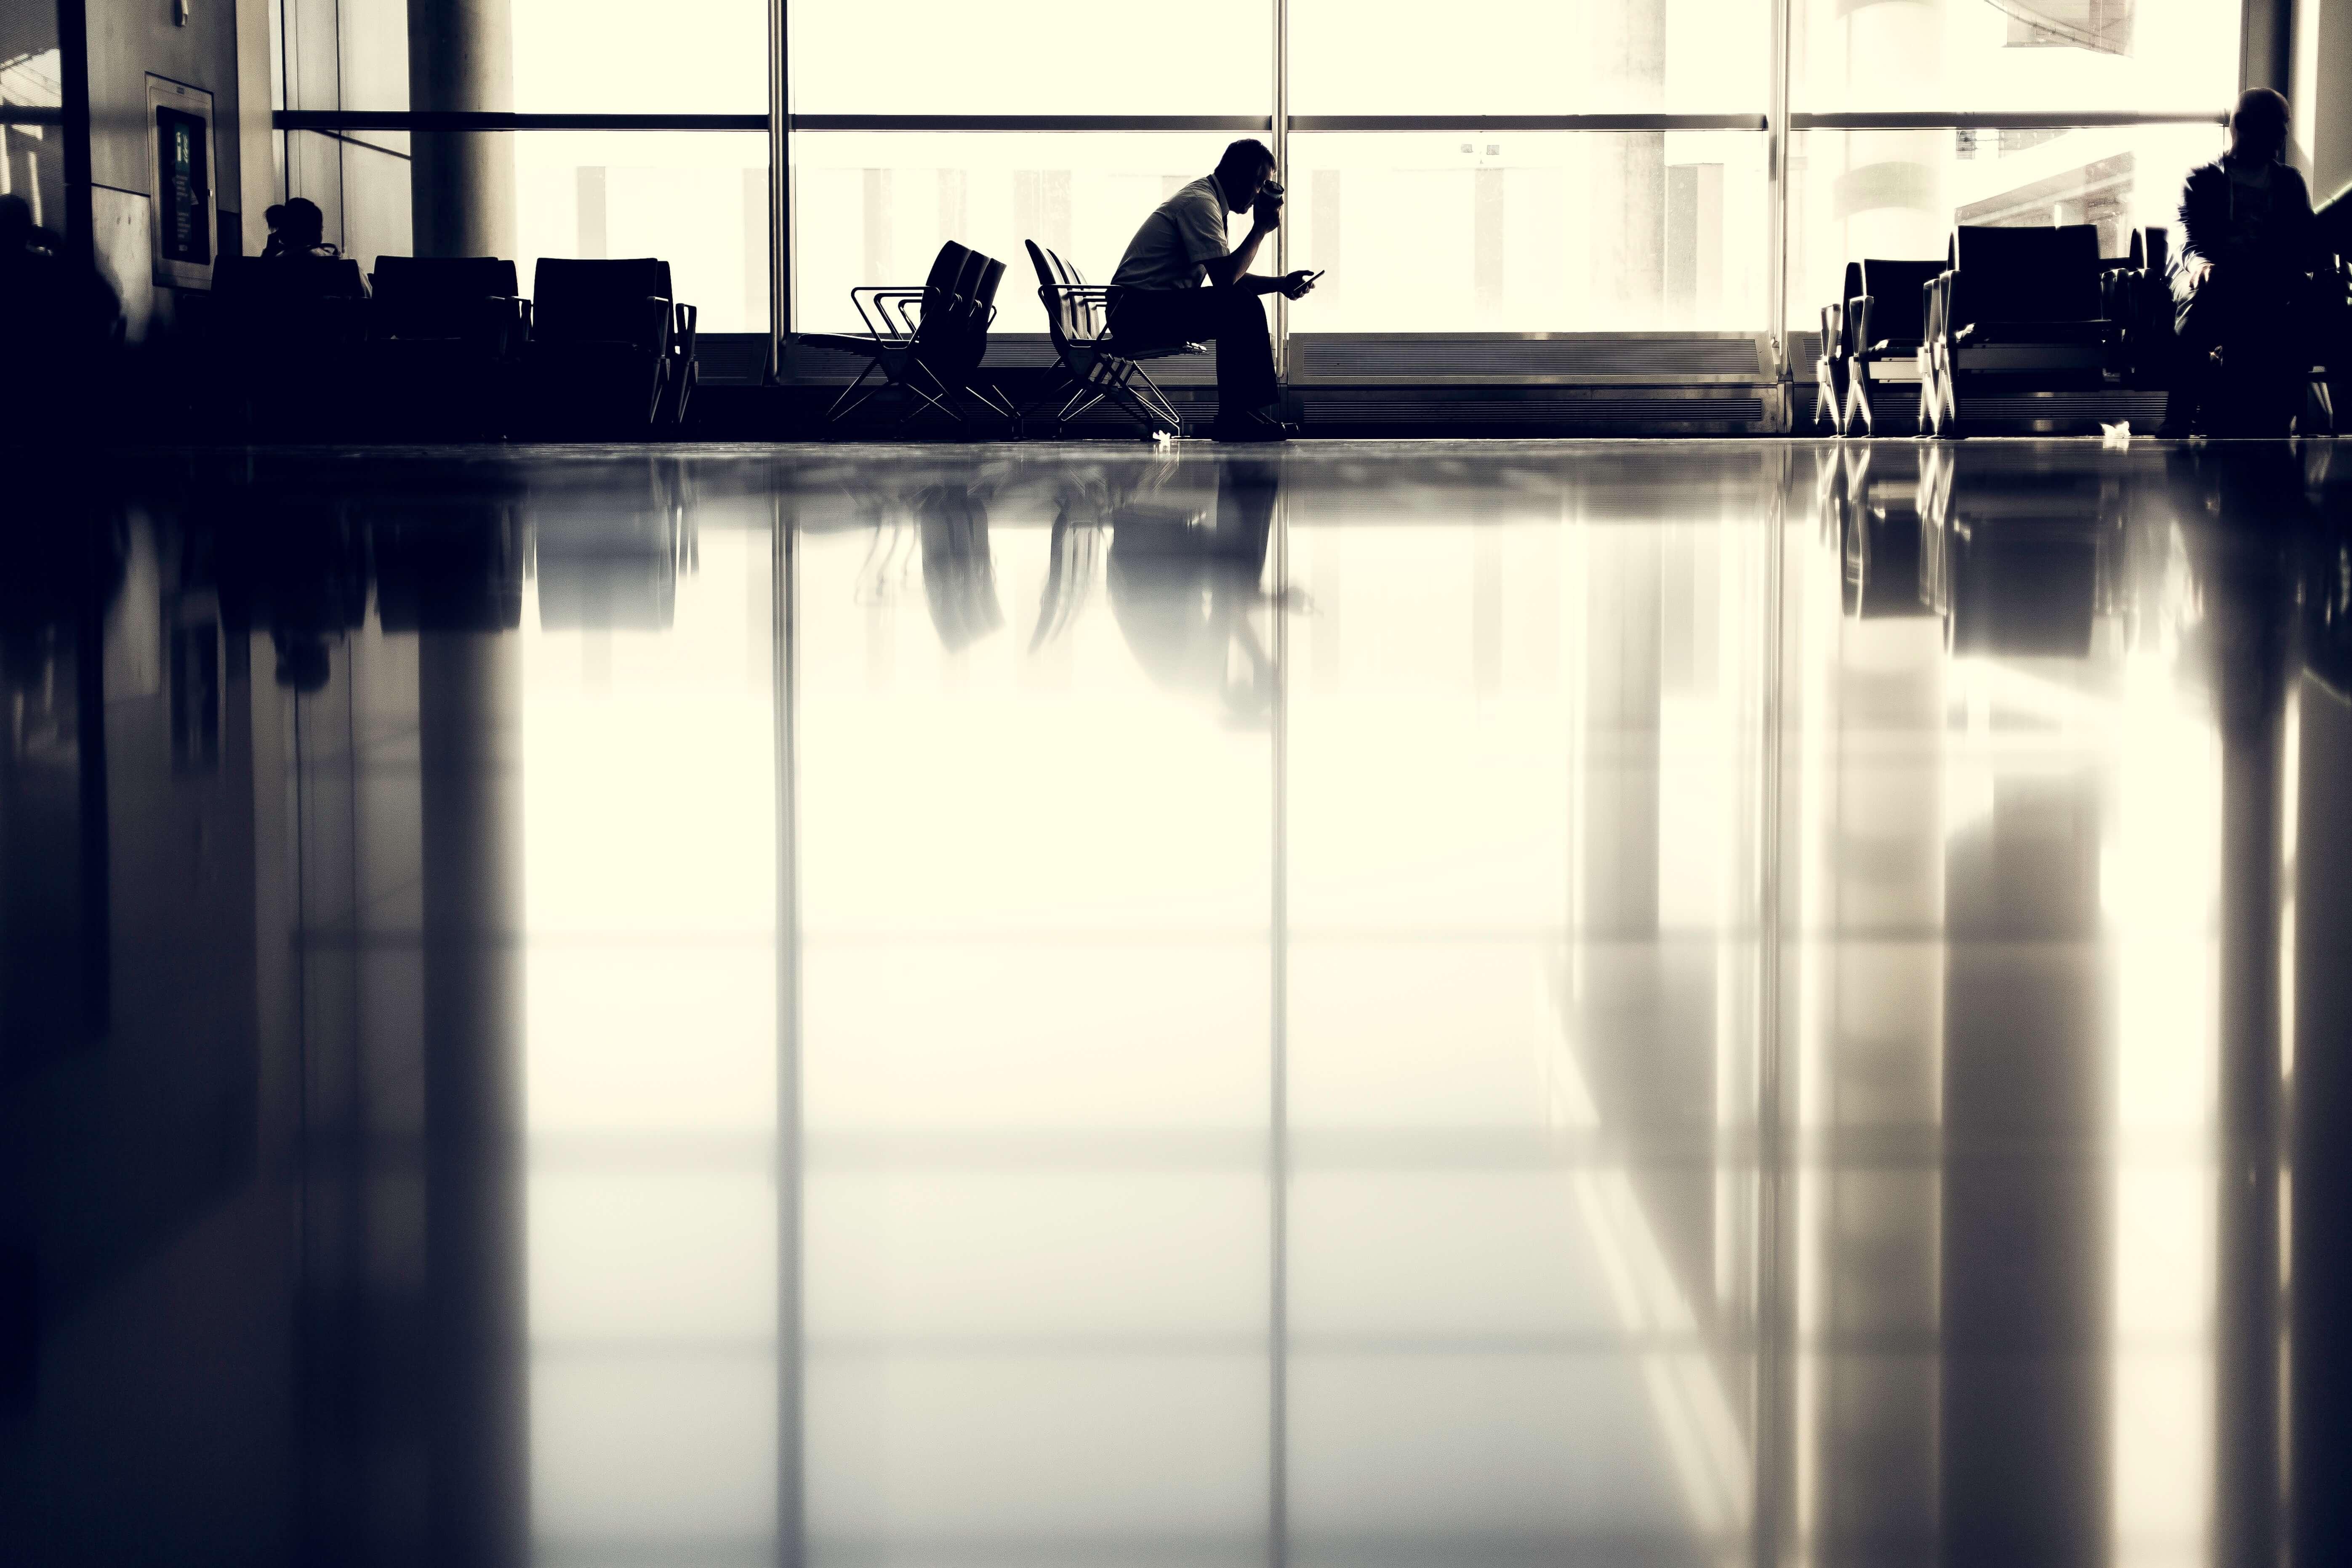 Flughafen Social Media – Smartphone